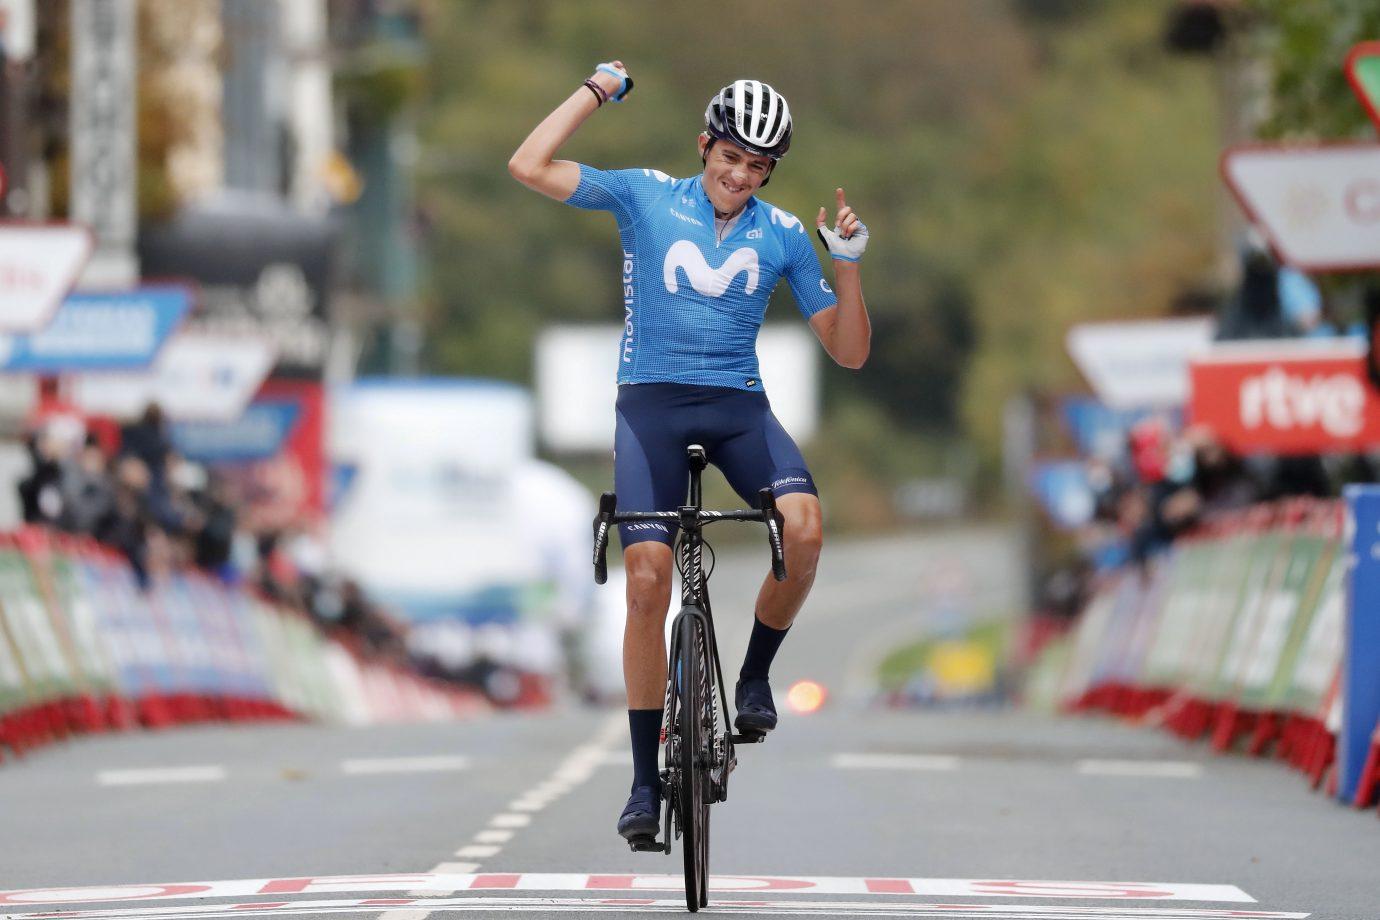 Soler ganó la segunda etapa de la Vuelta a España | Internacional | Deportes | EL FRENTE